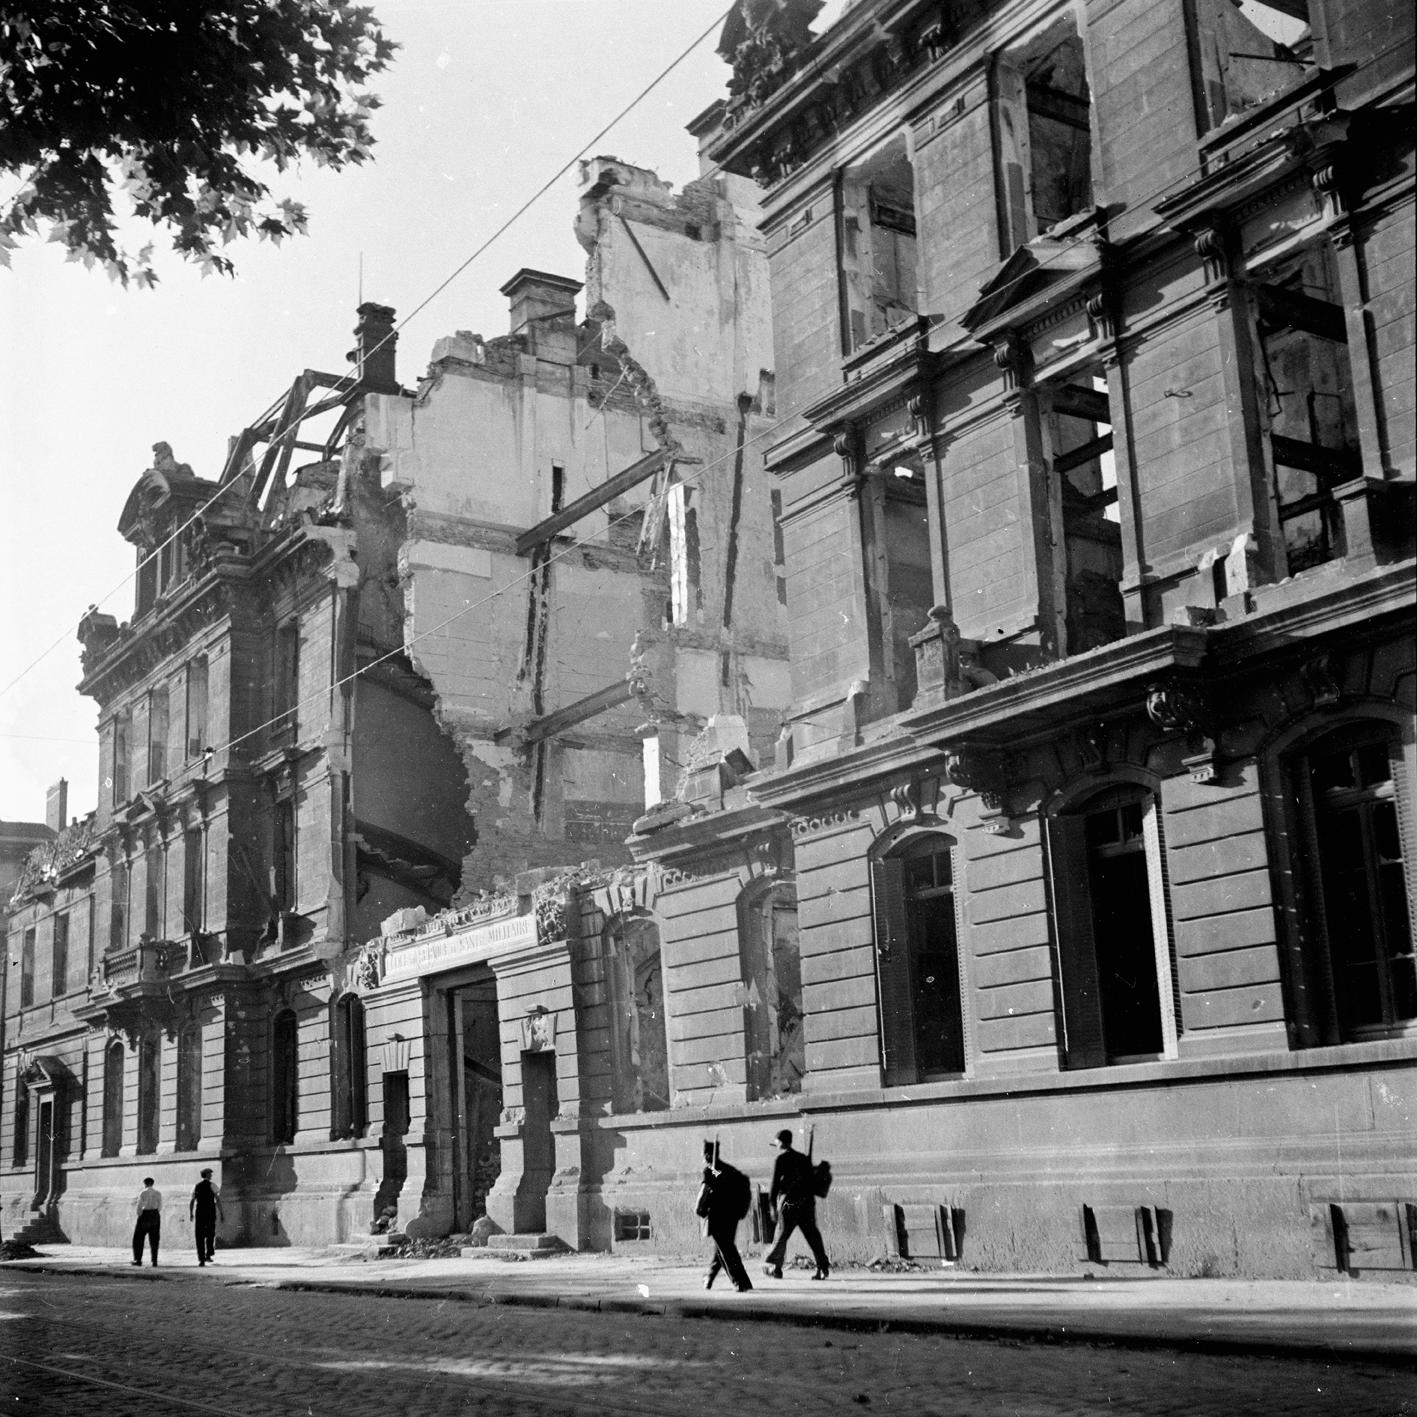 Bâtiment bombardé en 1944 par les Alliés